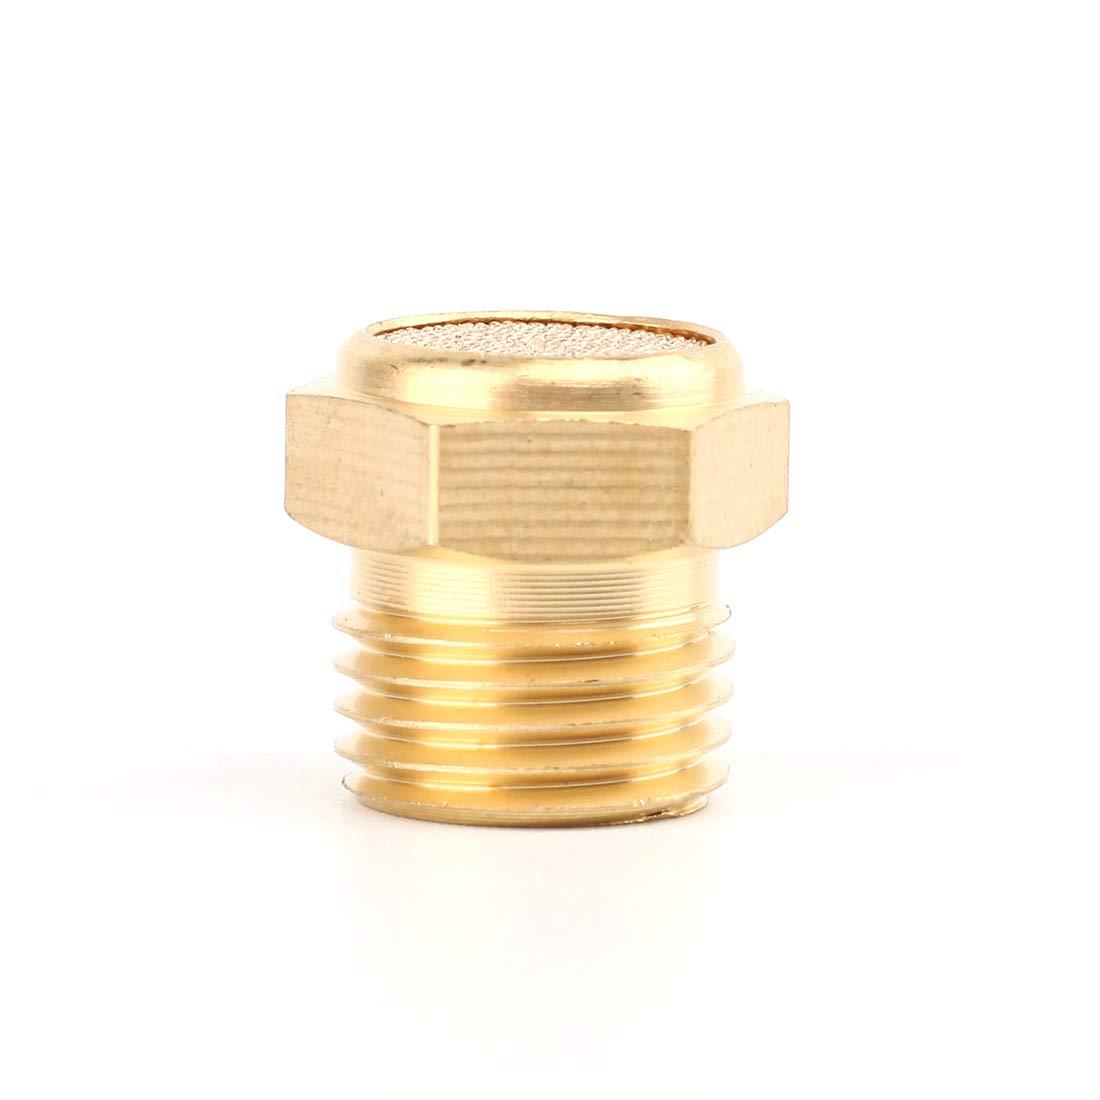 SNS PST-N01 Male Thread 1//8 NPT Brass Pneumatic Exhaust Muffler Silencer 10 PCS Per Pack